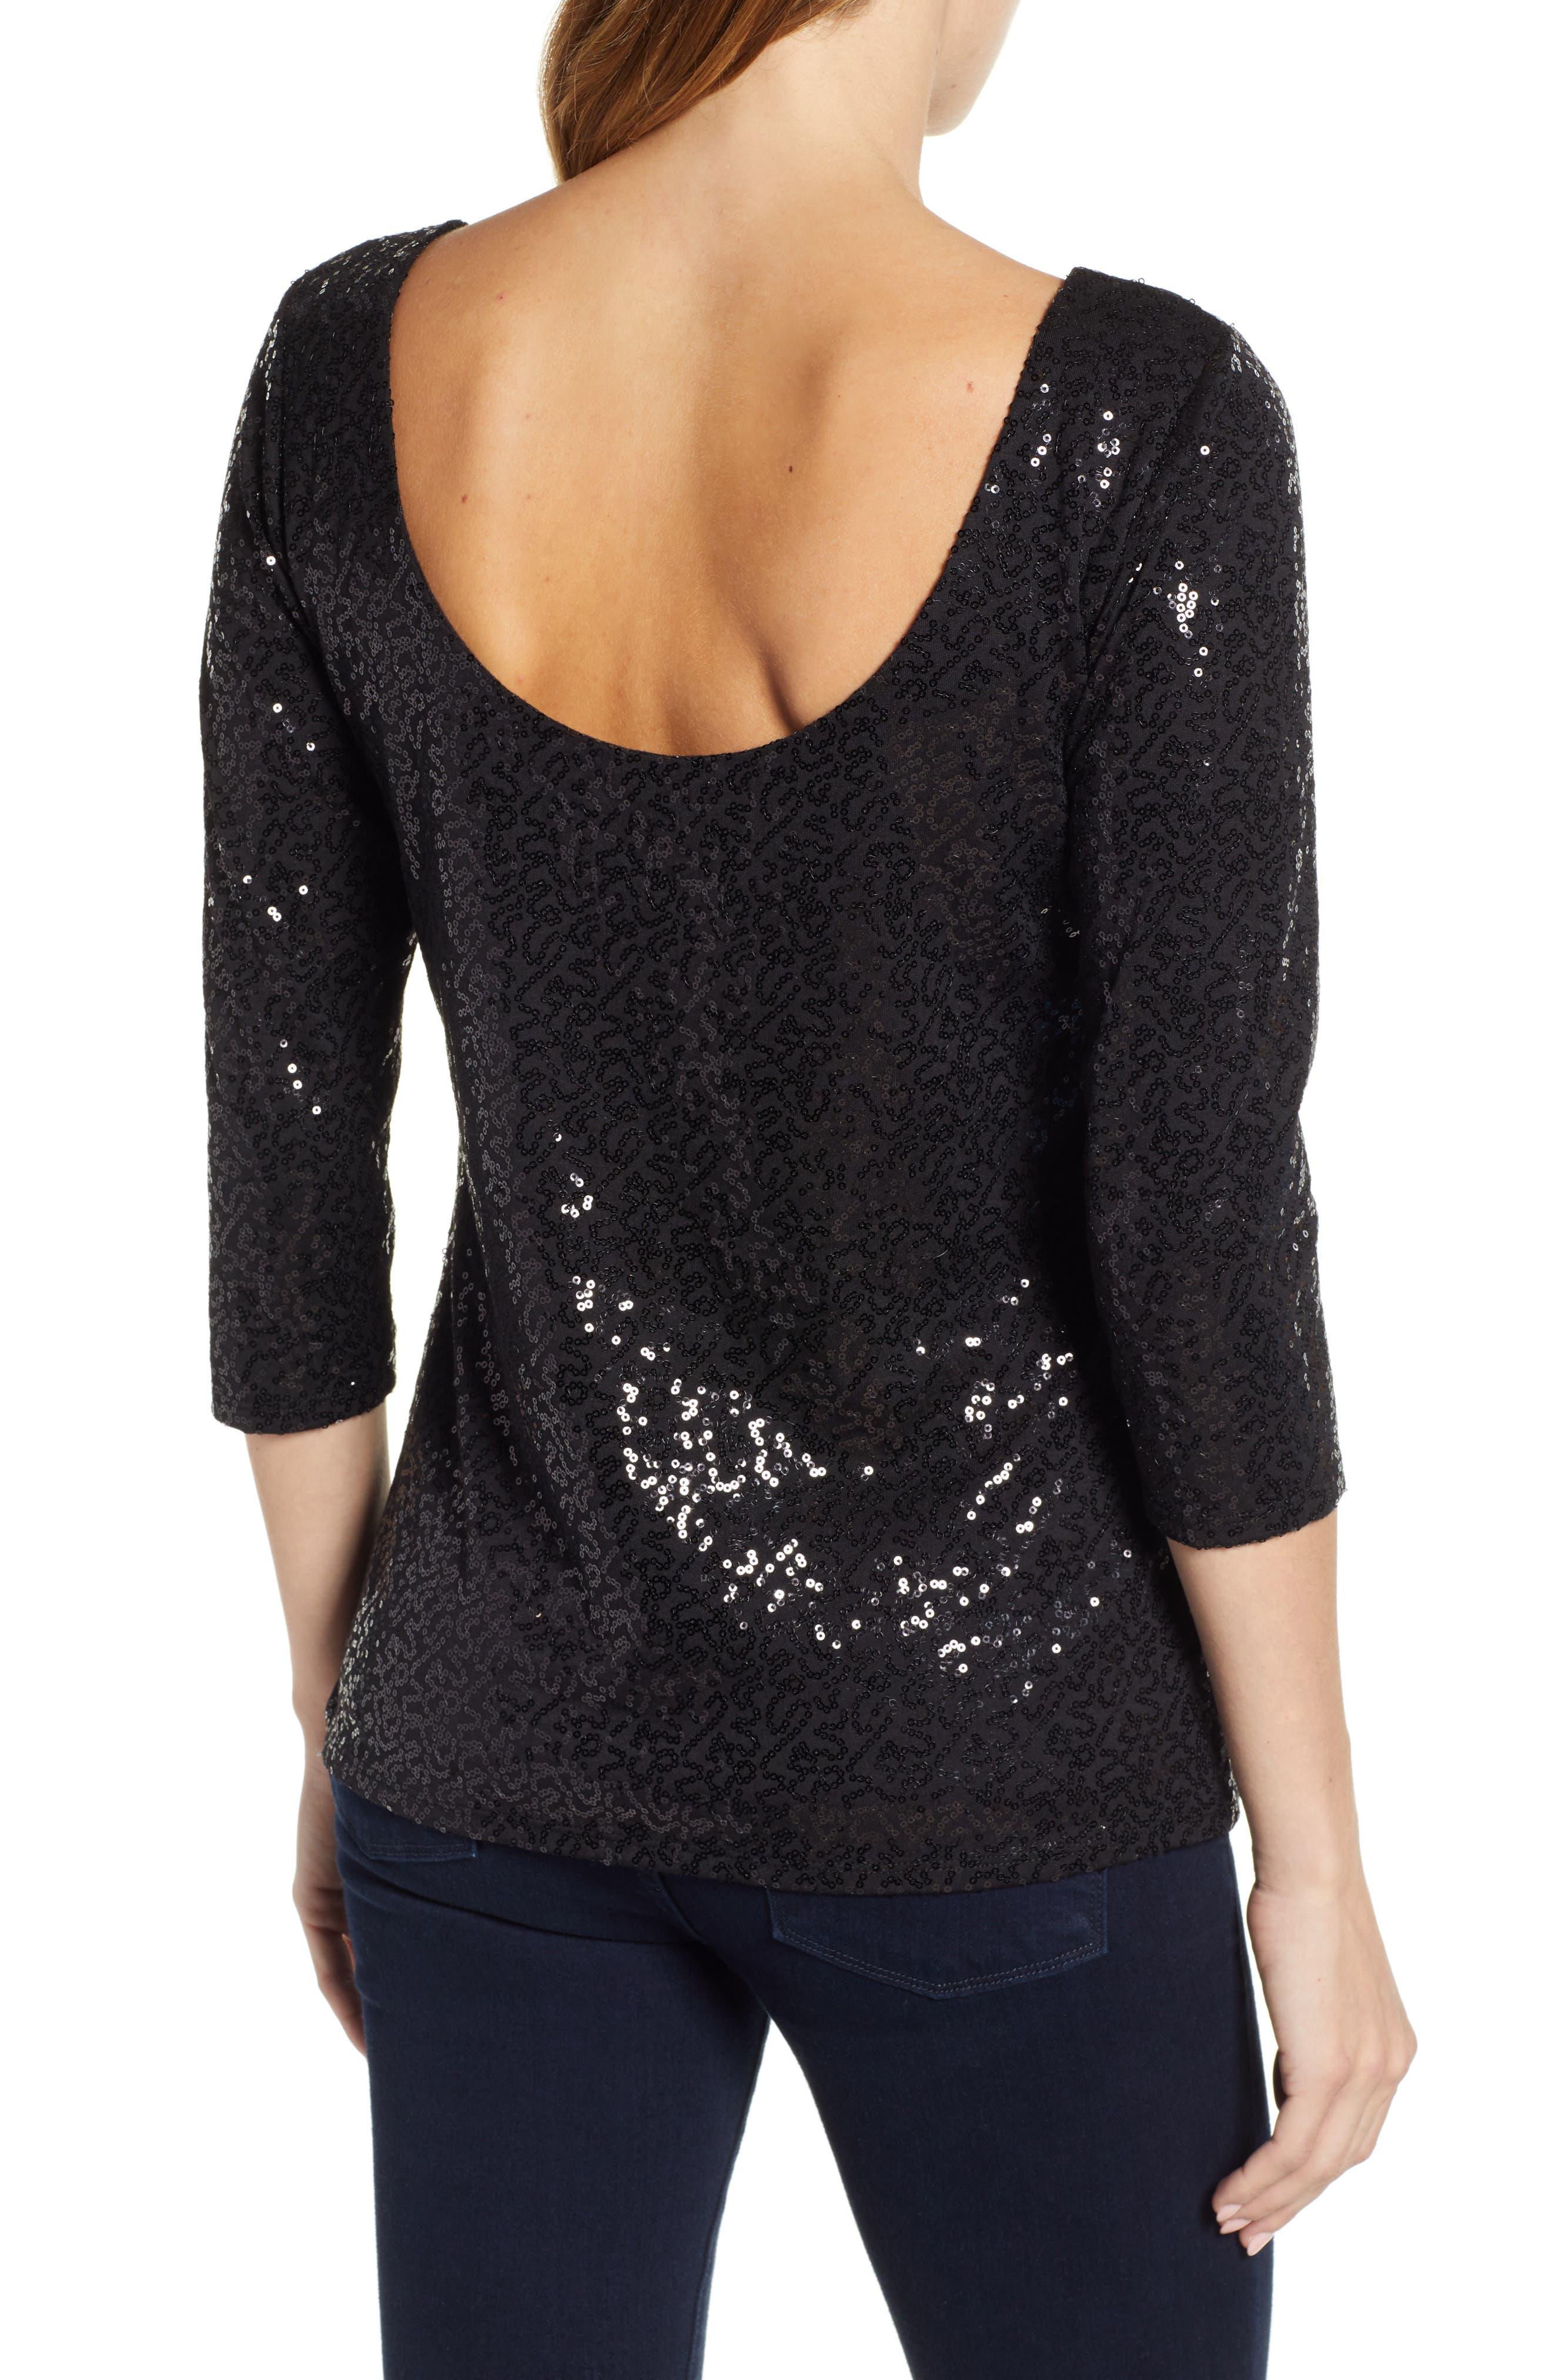 x Glam Squad Megan Sequin Embellished Scoop Back Top,                             Alternate thumbnail 3, color,                             BLACK